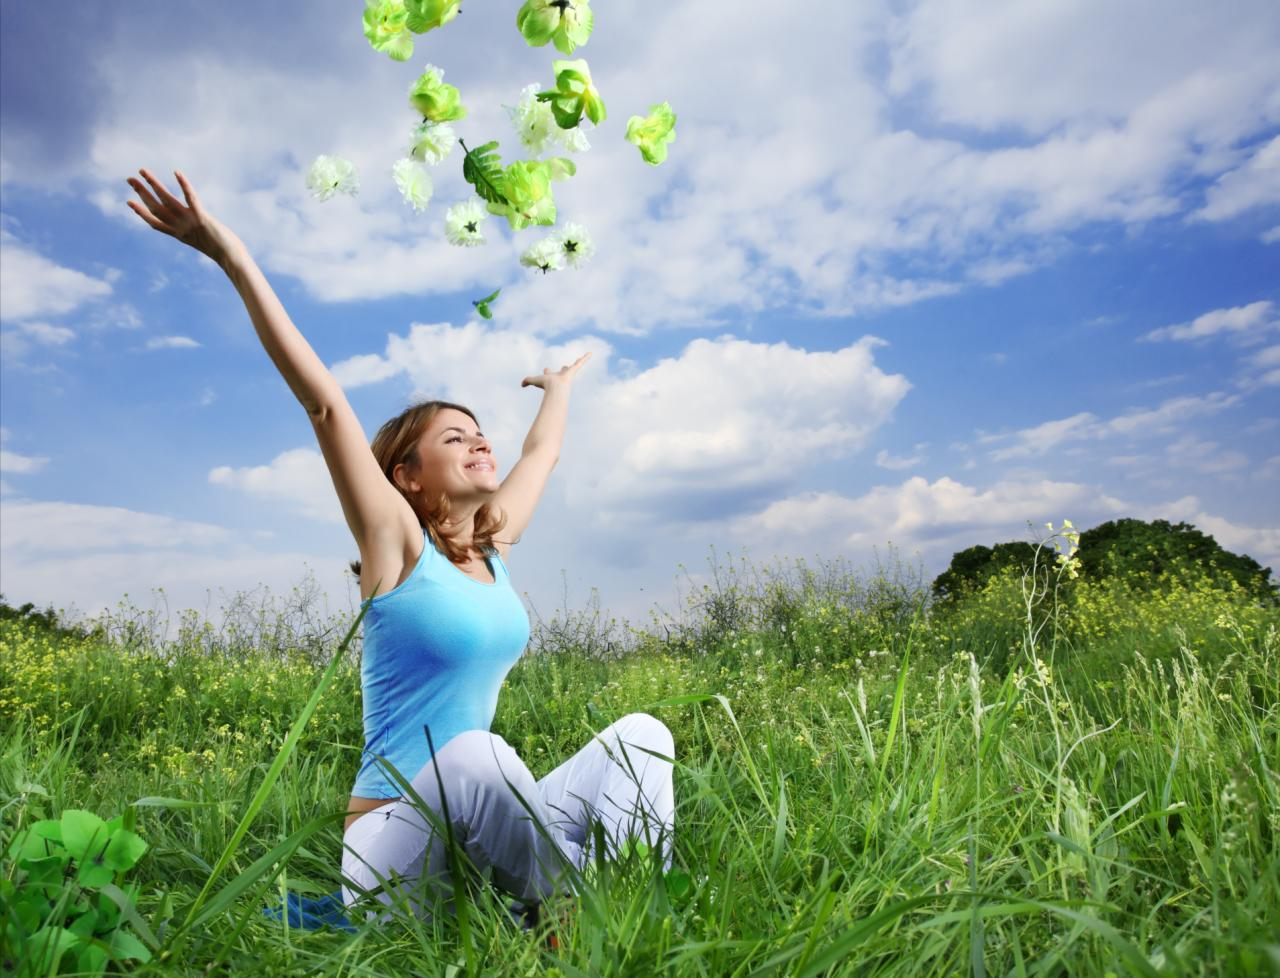 здоровье и здоровый образ жизни краткое